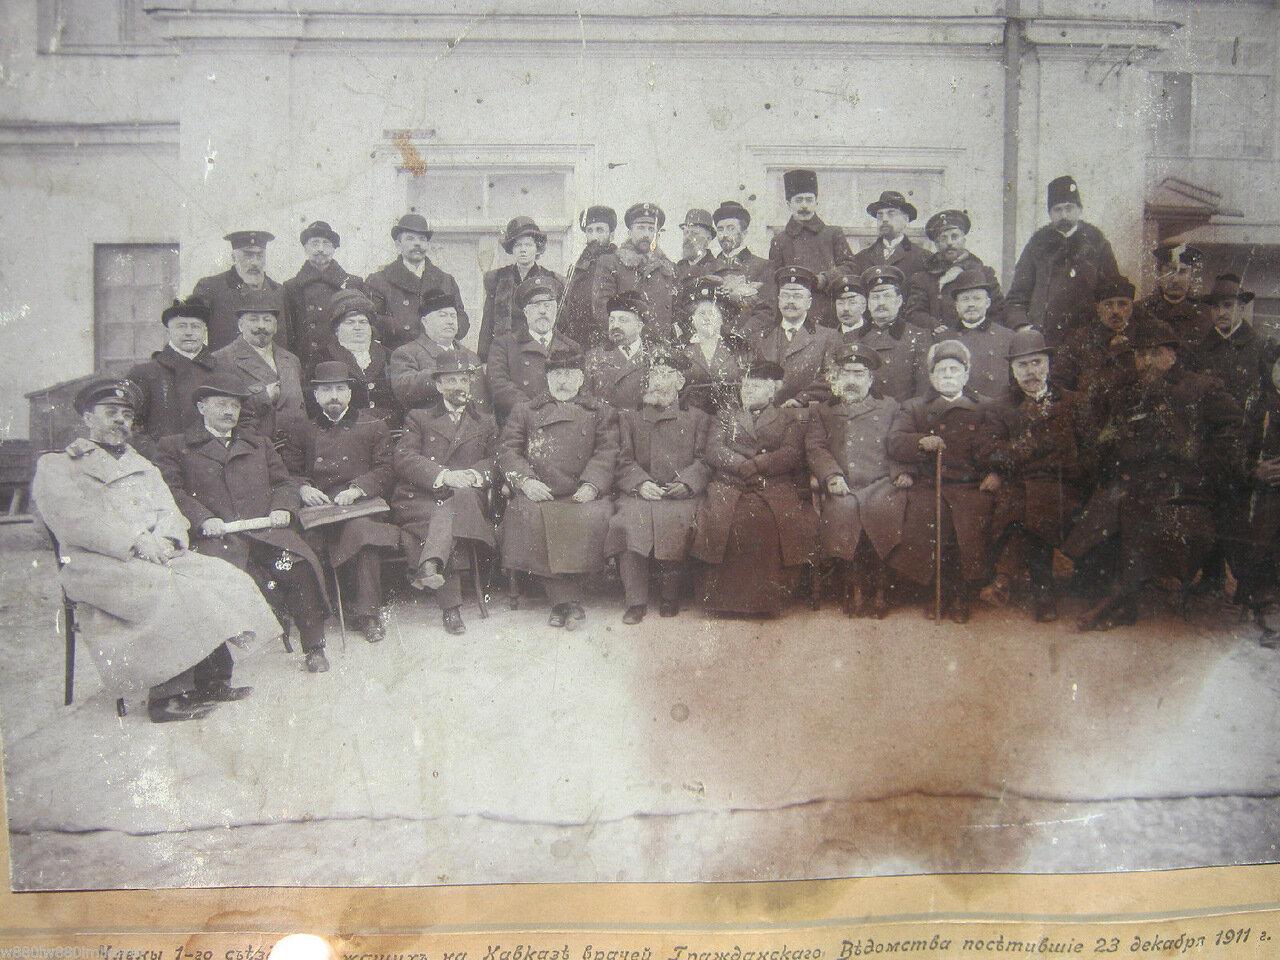 1911. Члены 1-го съезда проживающих на Кавказе врачей гражданского ведомства